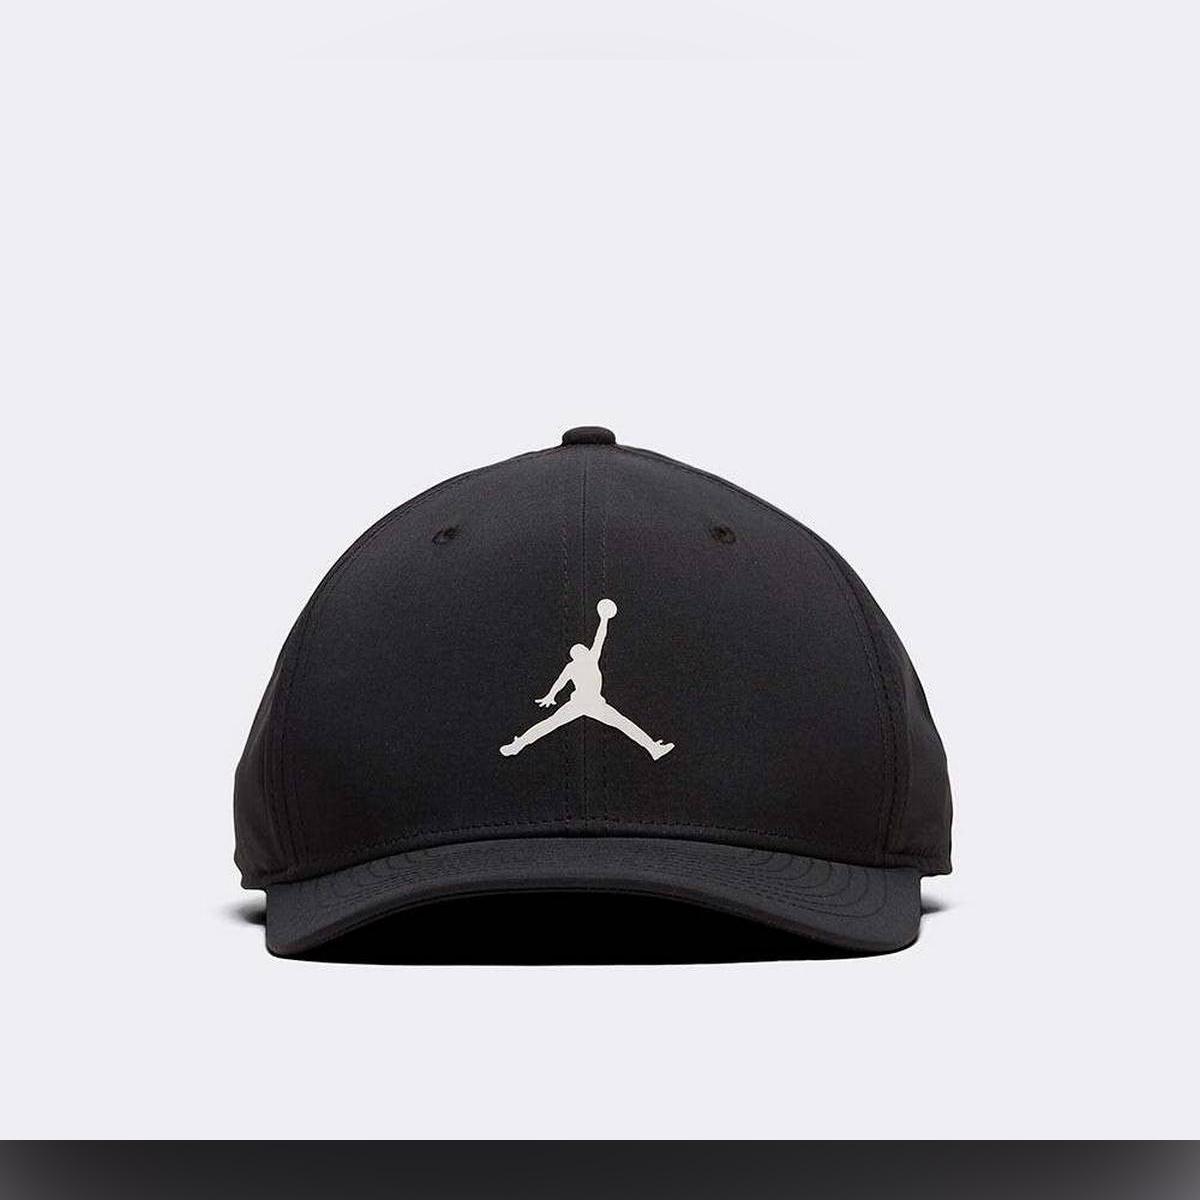 New basket ball cap for men black